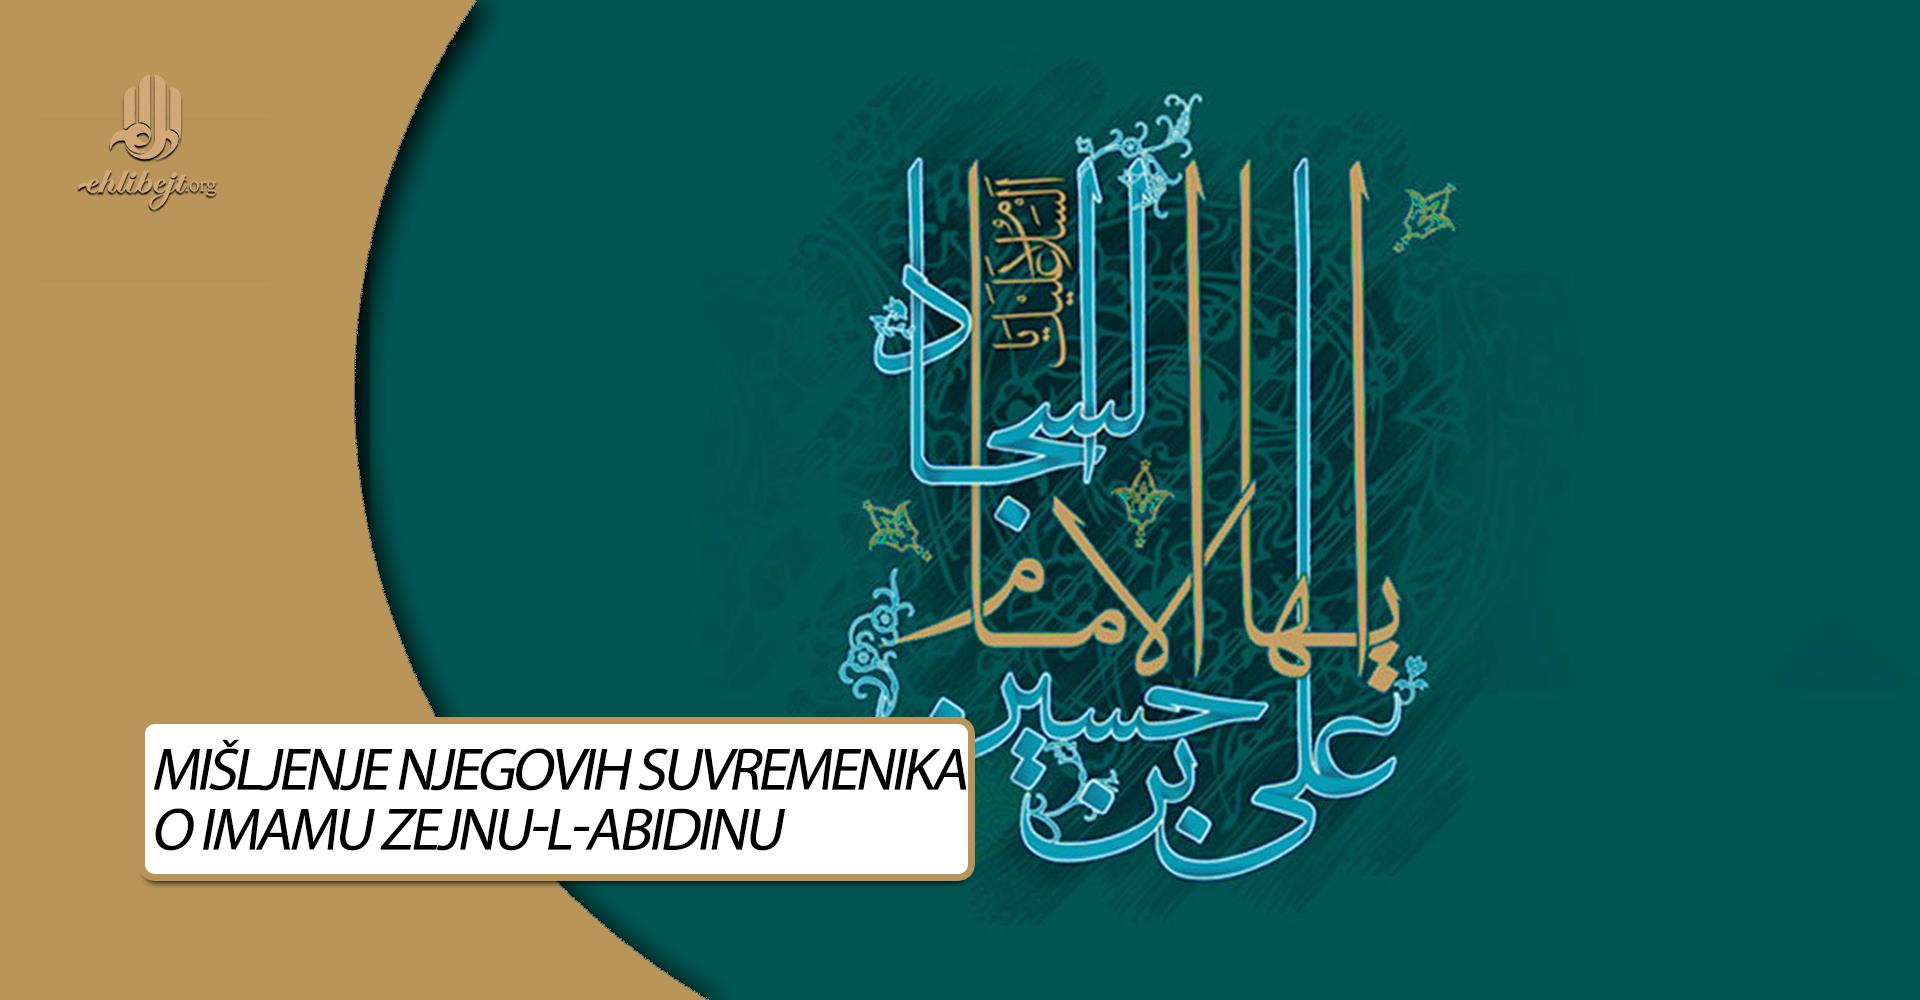 Mišljenje njegovih suvremenika o Imamu Zejnu-l-Abidinu